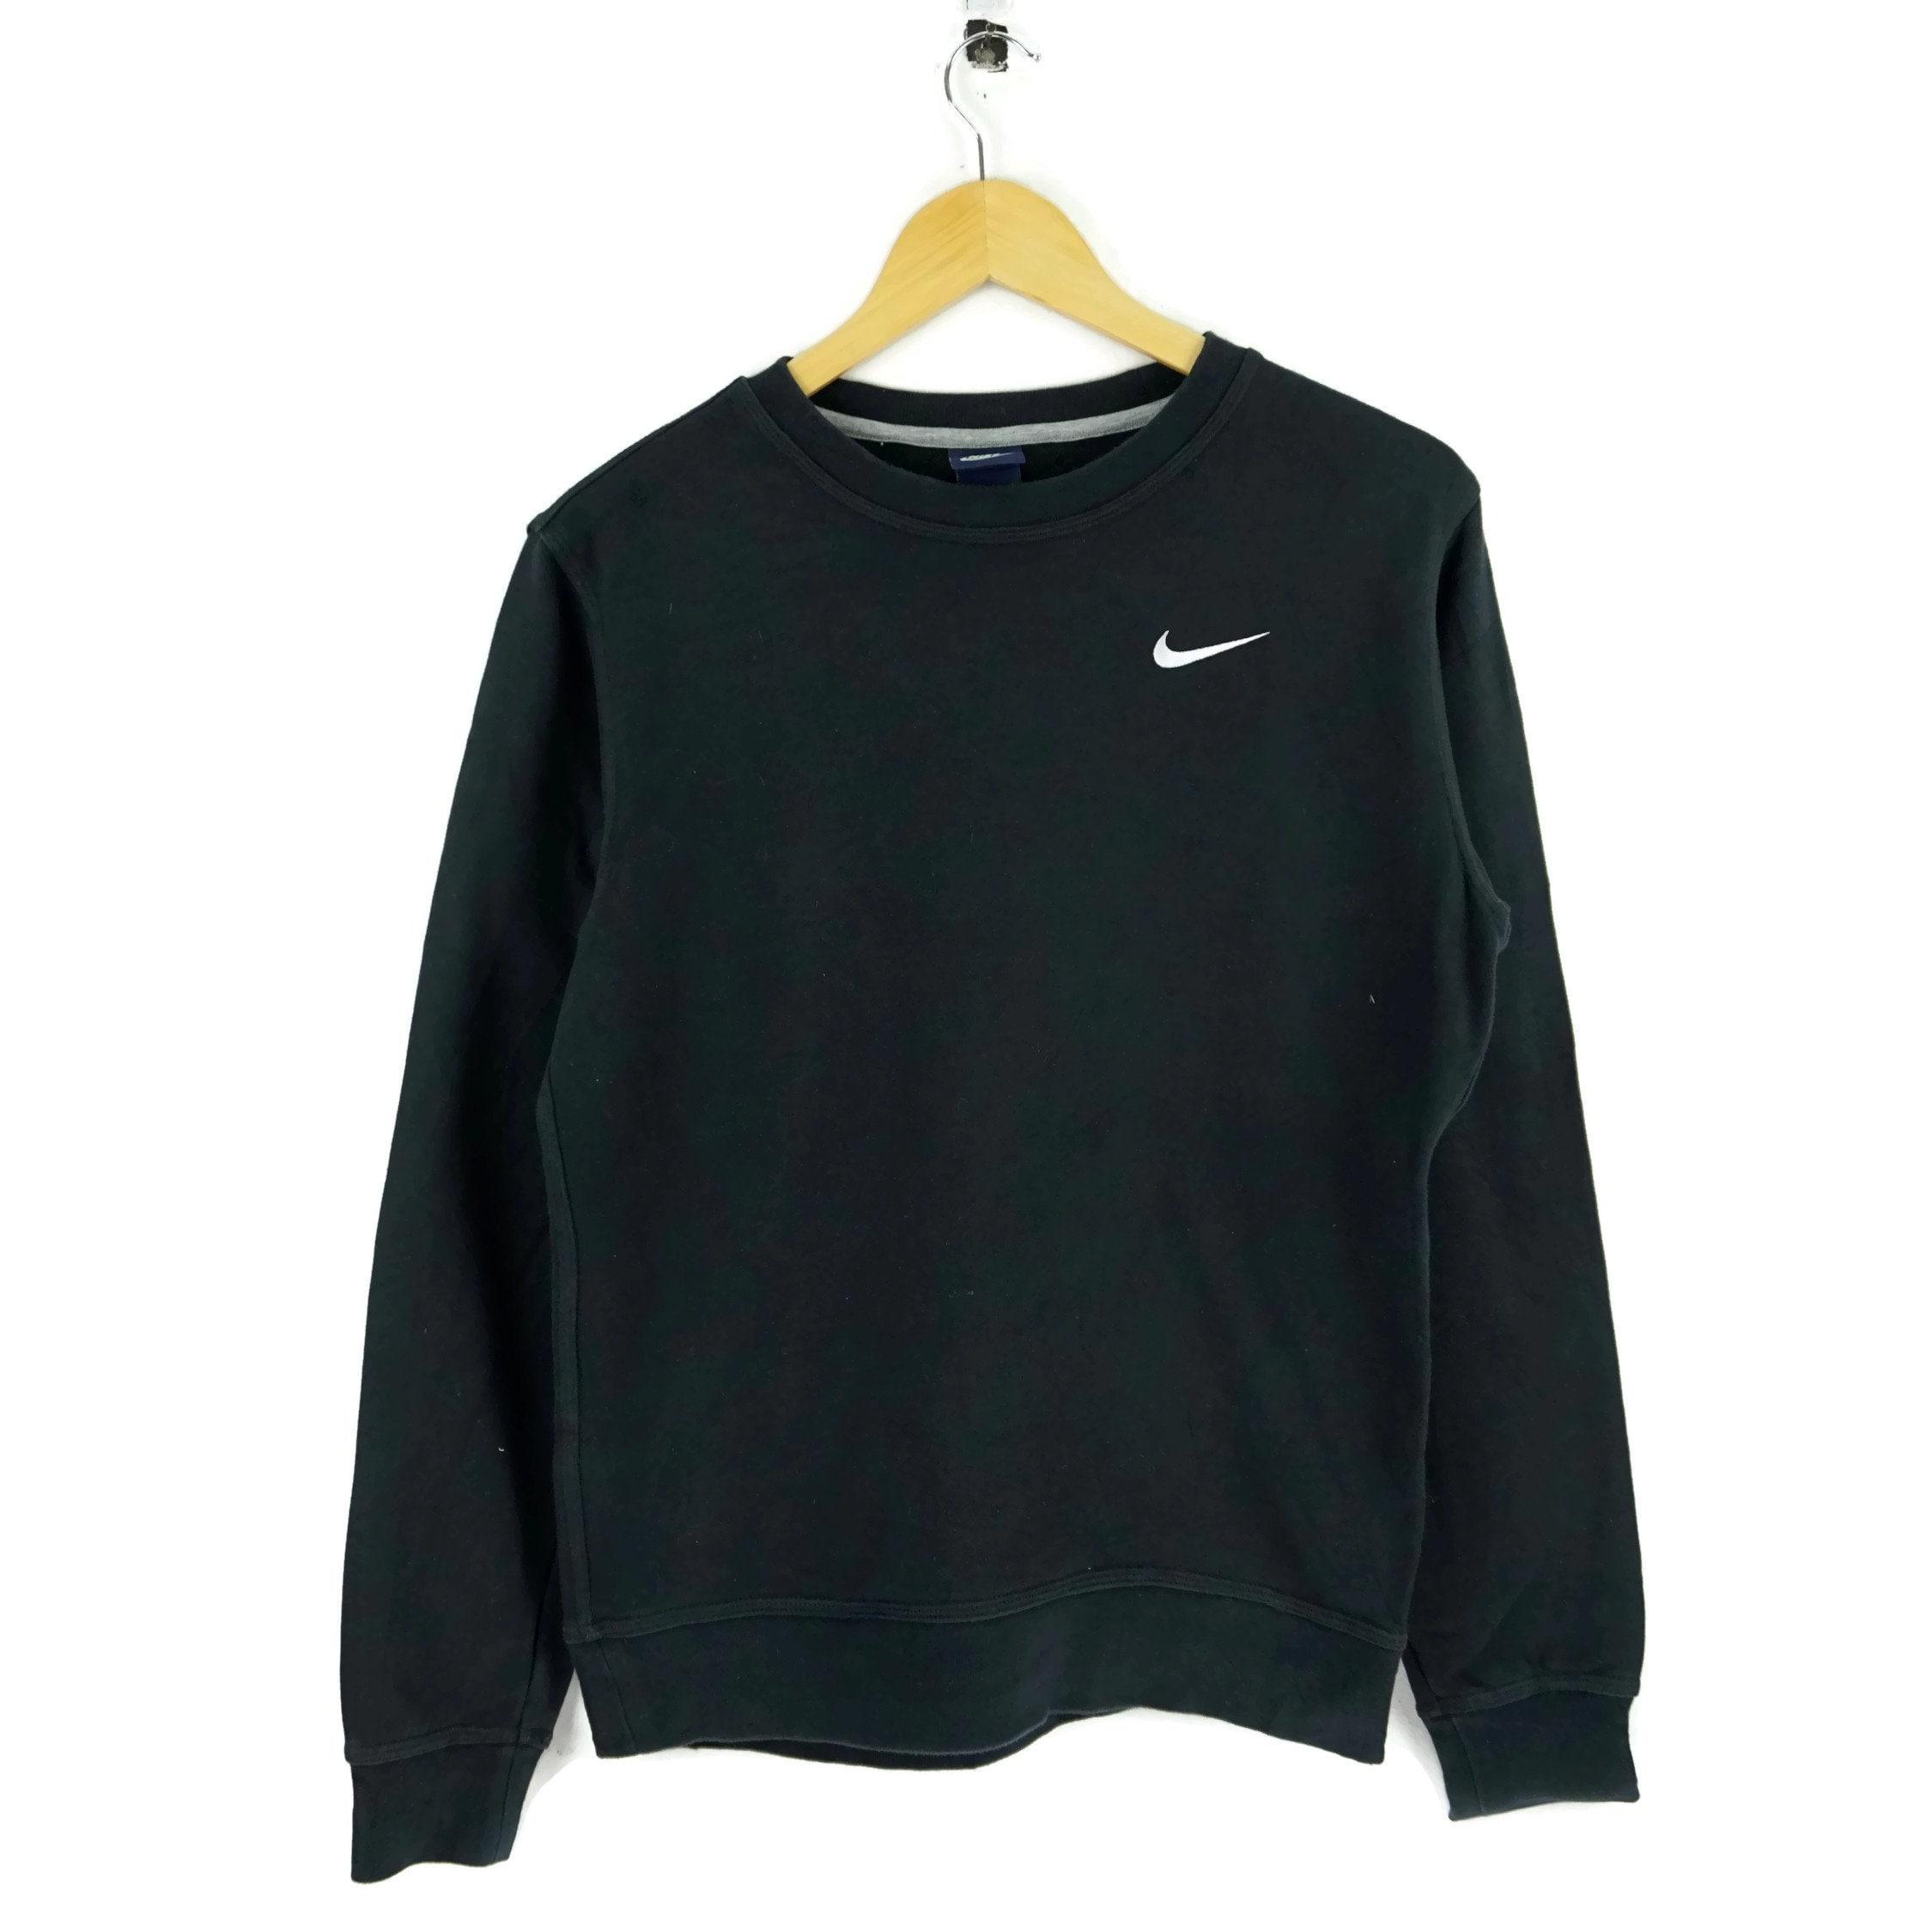 4d650d4ac72 Vintage Nike Sweatshirt Black   Nike Vintage   Grey Sweatshirt